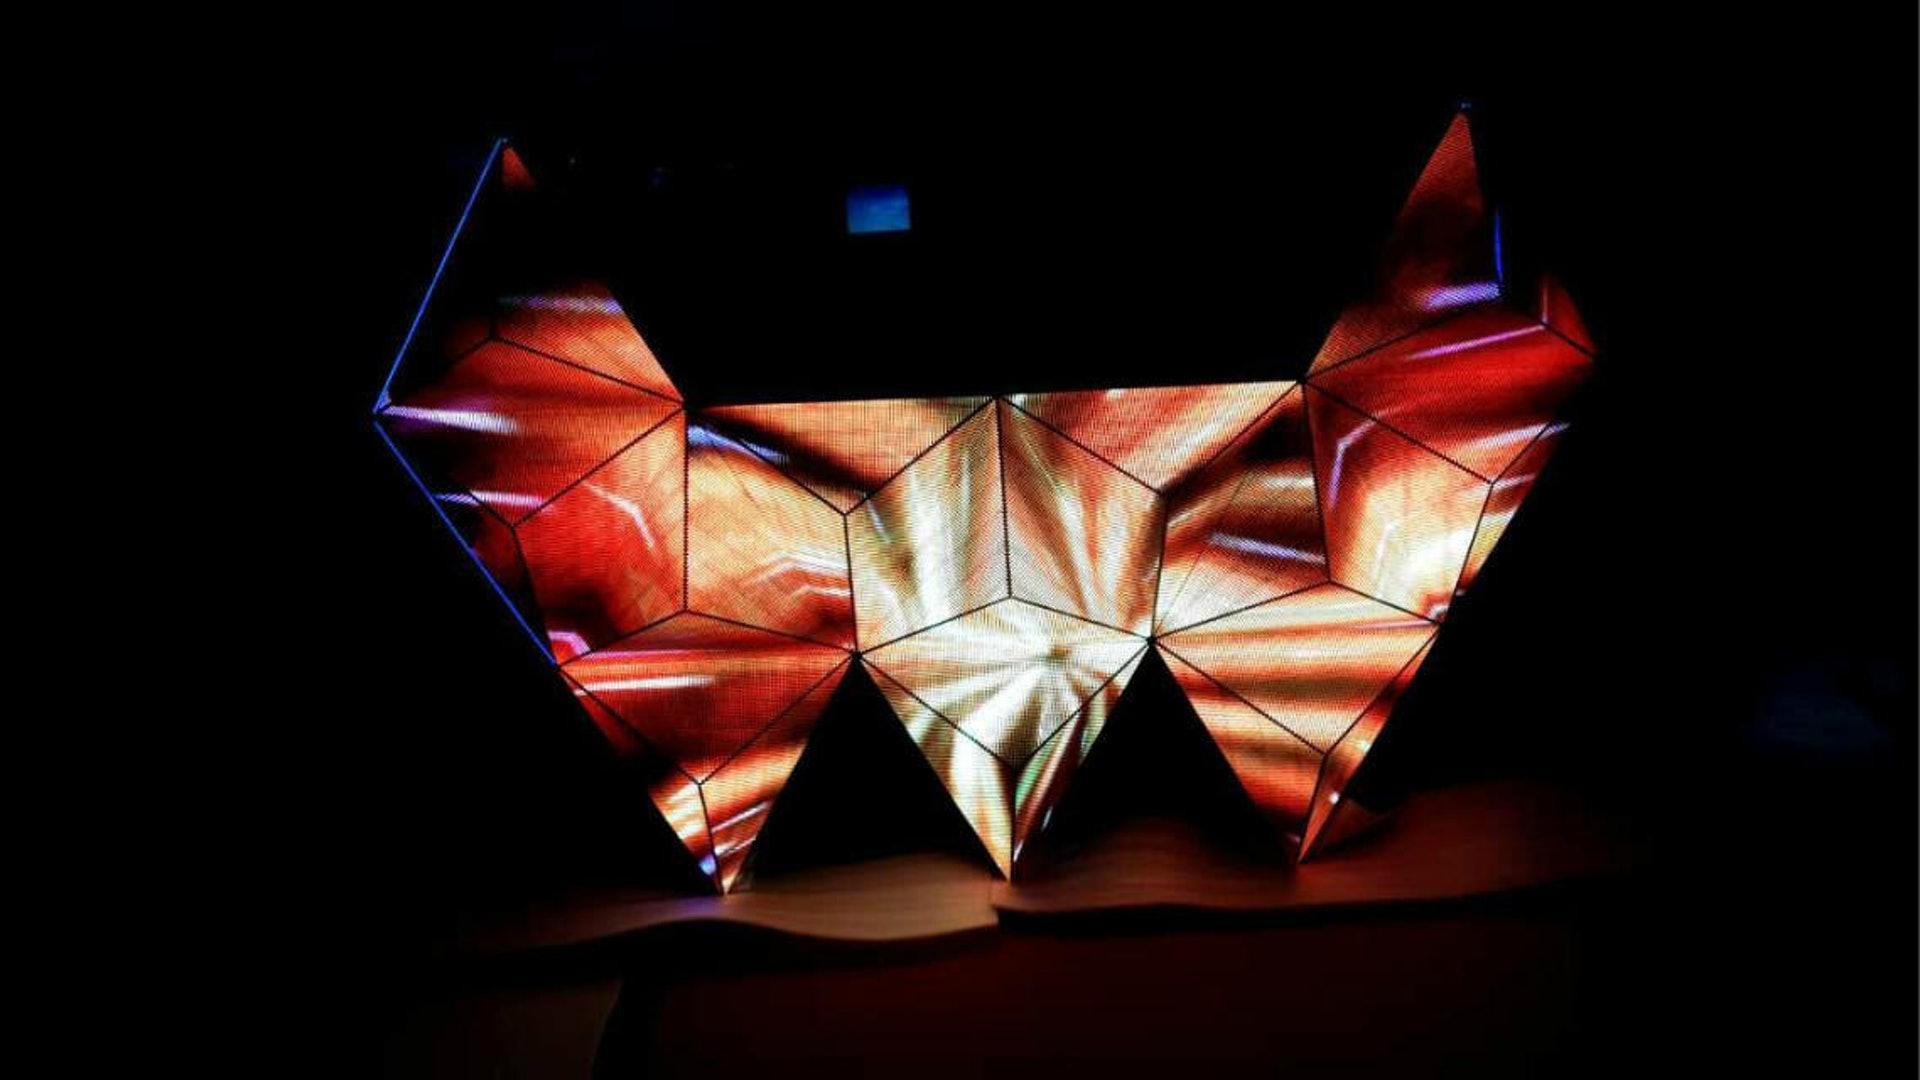 LED軟屏有別於傳統的硬質結構,可作出扭曲、變形、弧形等特別造型。(SuiRich網頁圖片)